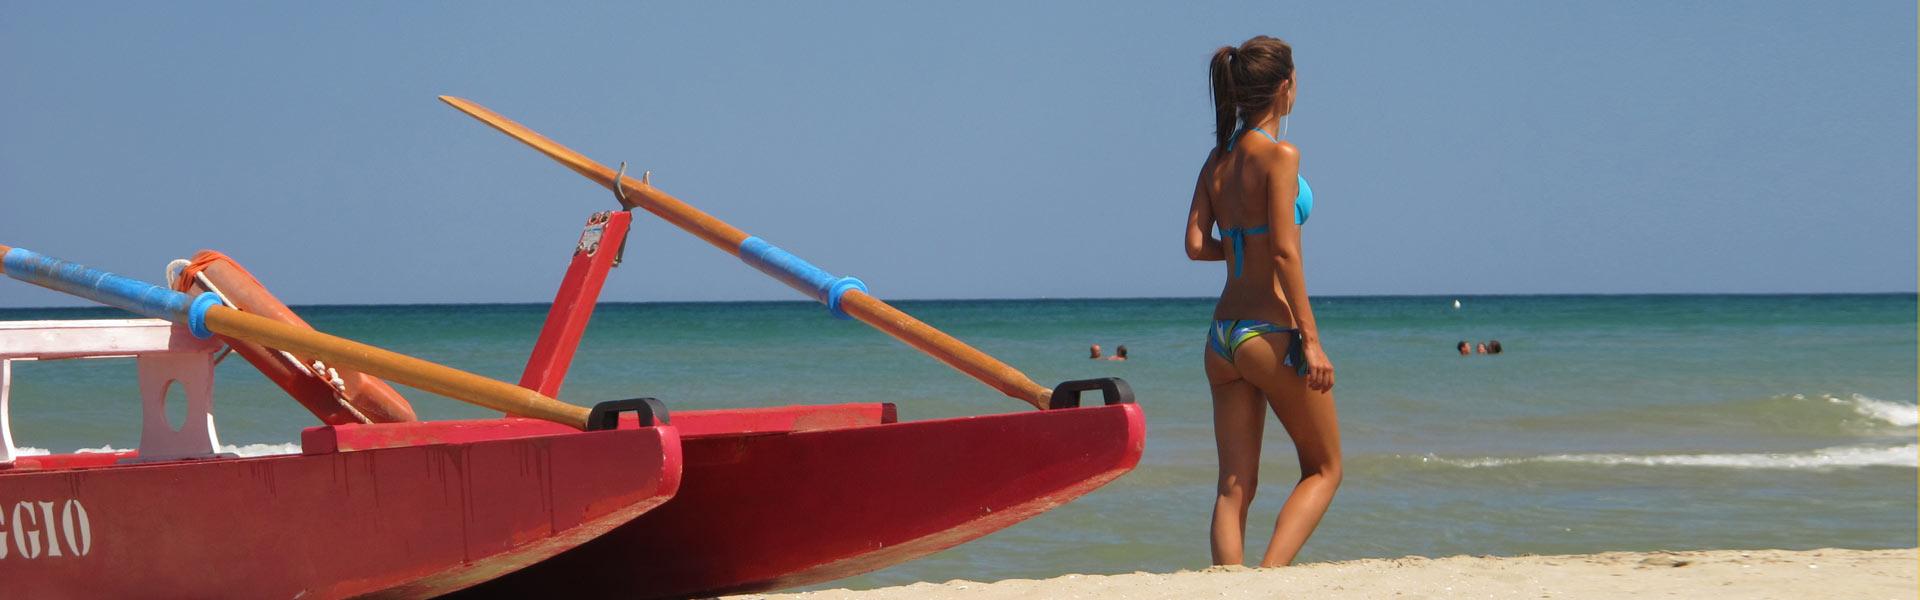 Hôtels sur la Riviera Adriatique pour vos vacances balnéaires tout confort et à petits prix